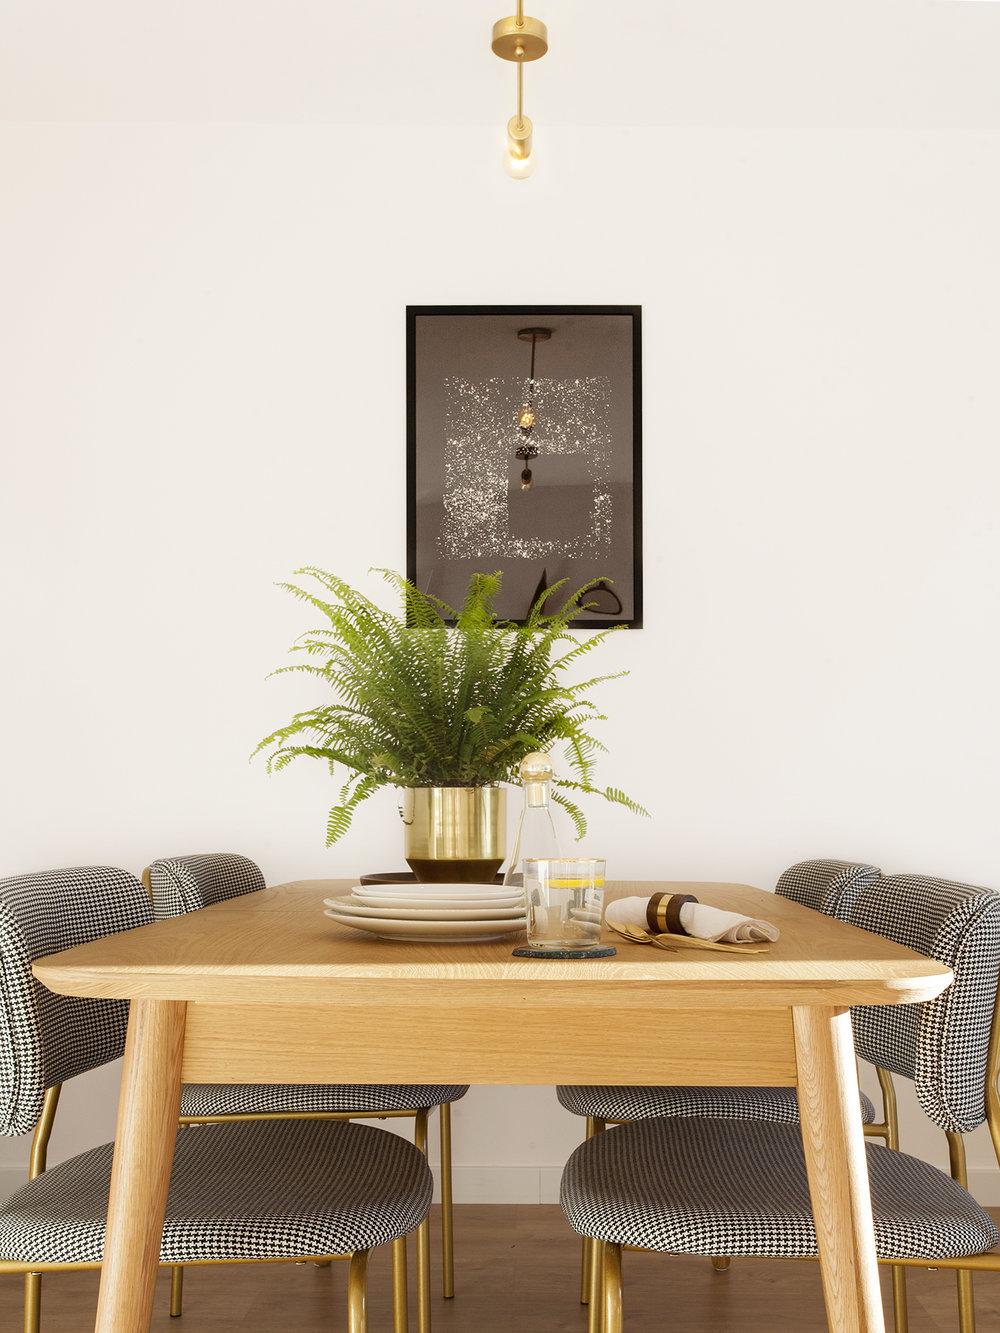 NUESTROS SERVICIOS - • Asesoría• Interiorismo 'Express'• Full ServiceNos focalizamos en viviendas residenciales y turísticas aprovechando al máximo de nuestro talento y dinámica.Diseñamos también mobiliario y hacemos un 'rescate creativo' de tus piezas preferidas.